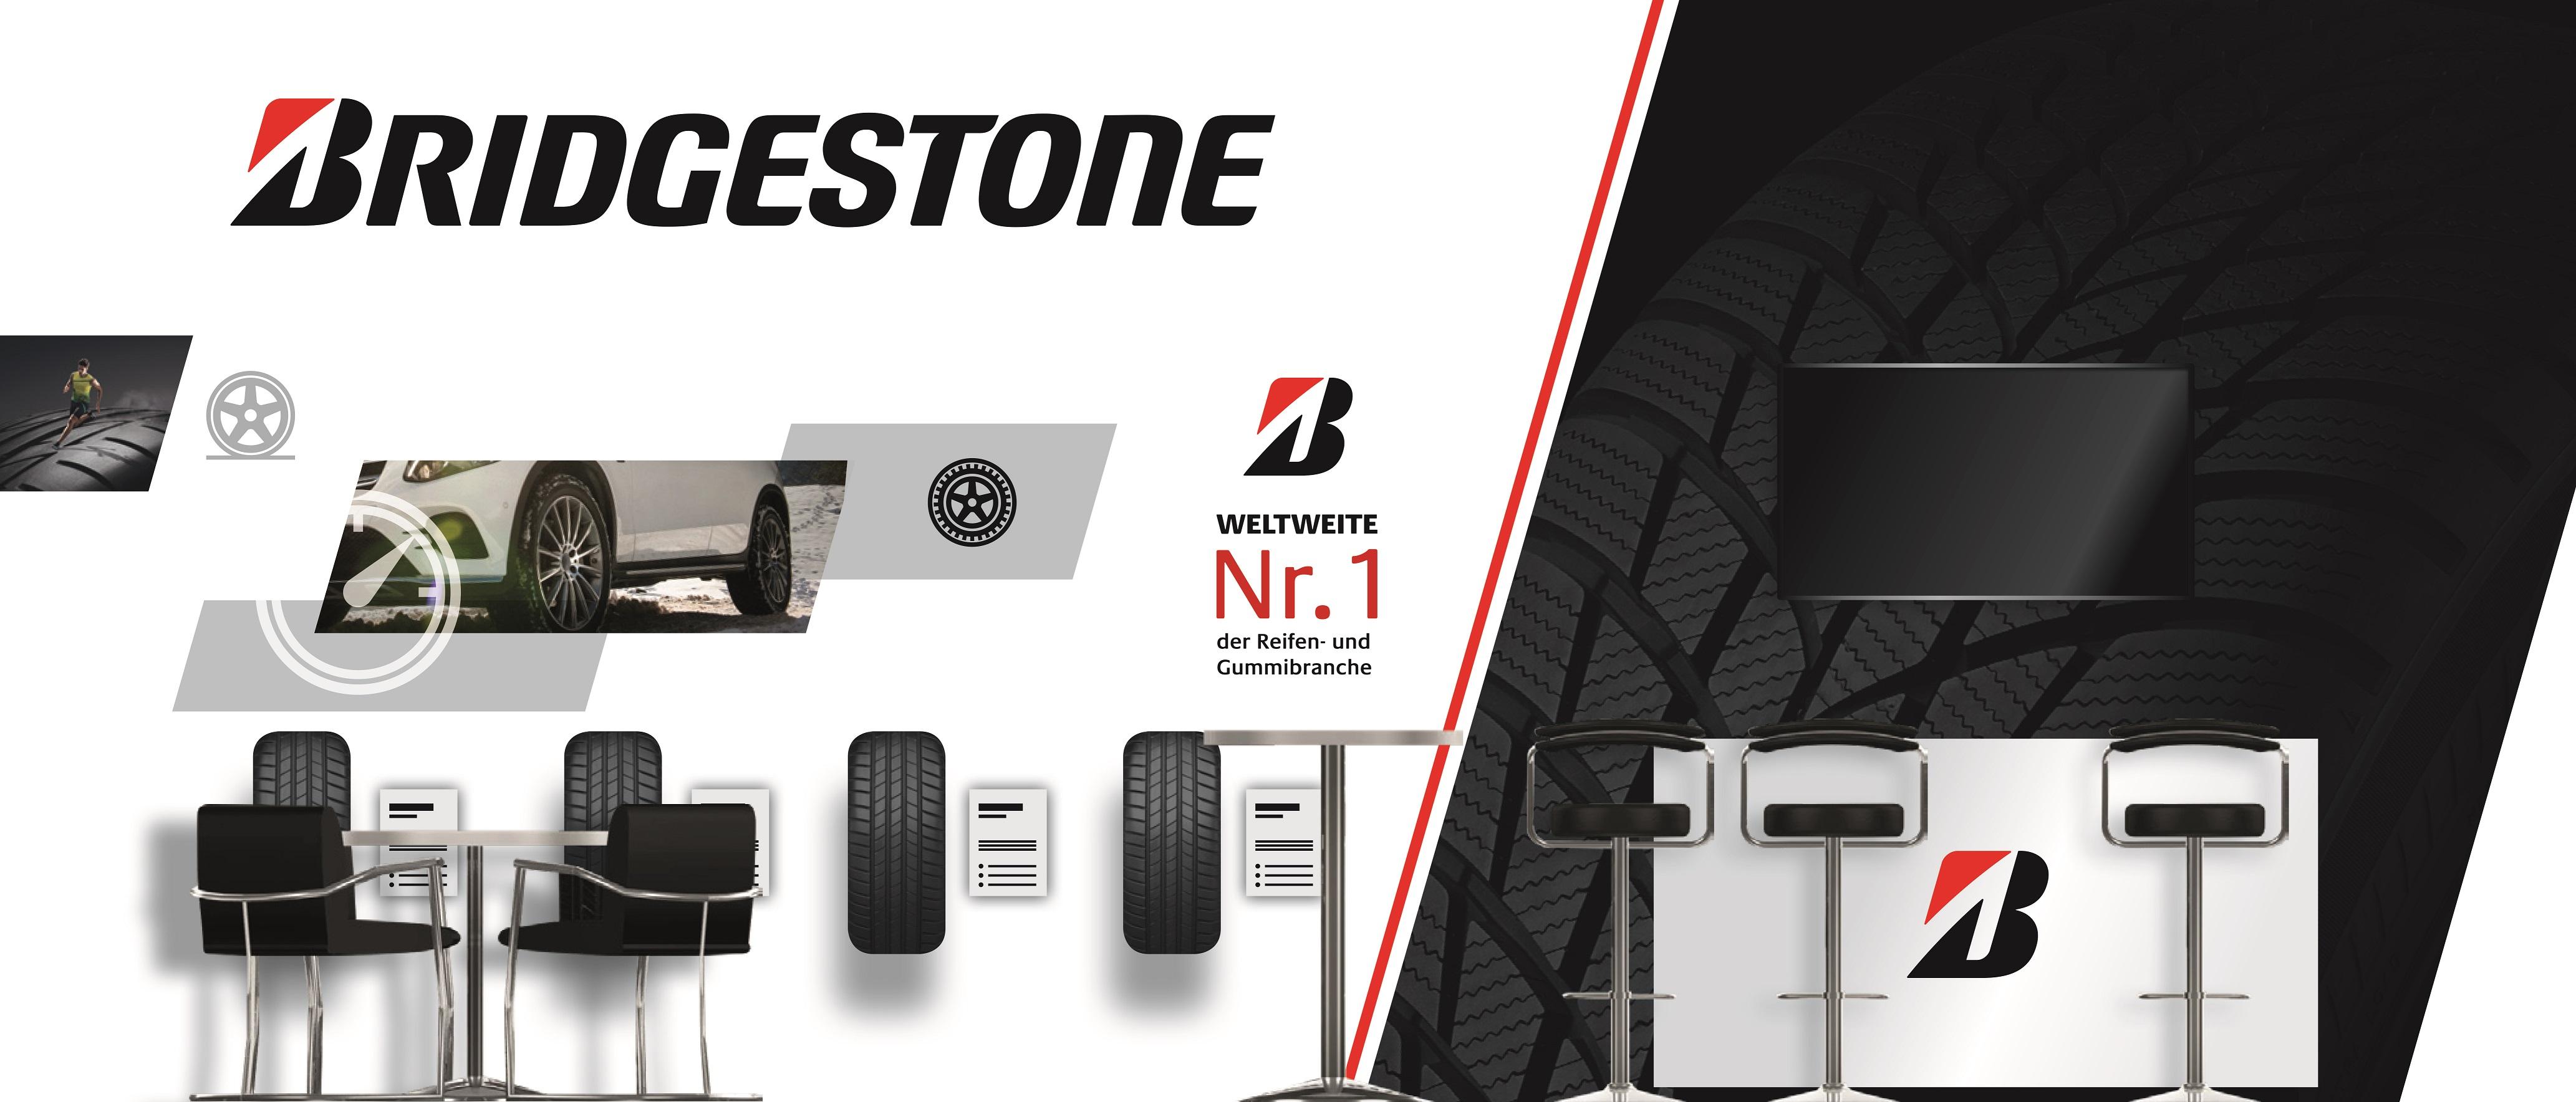 Bridgestone auf der Automechanika